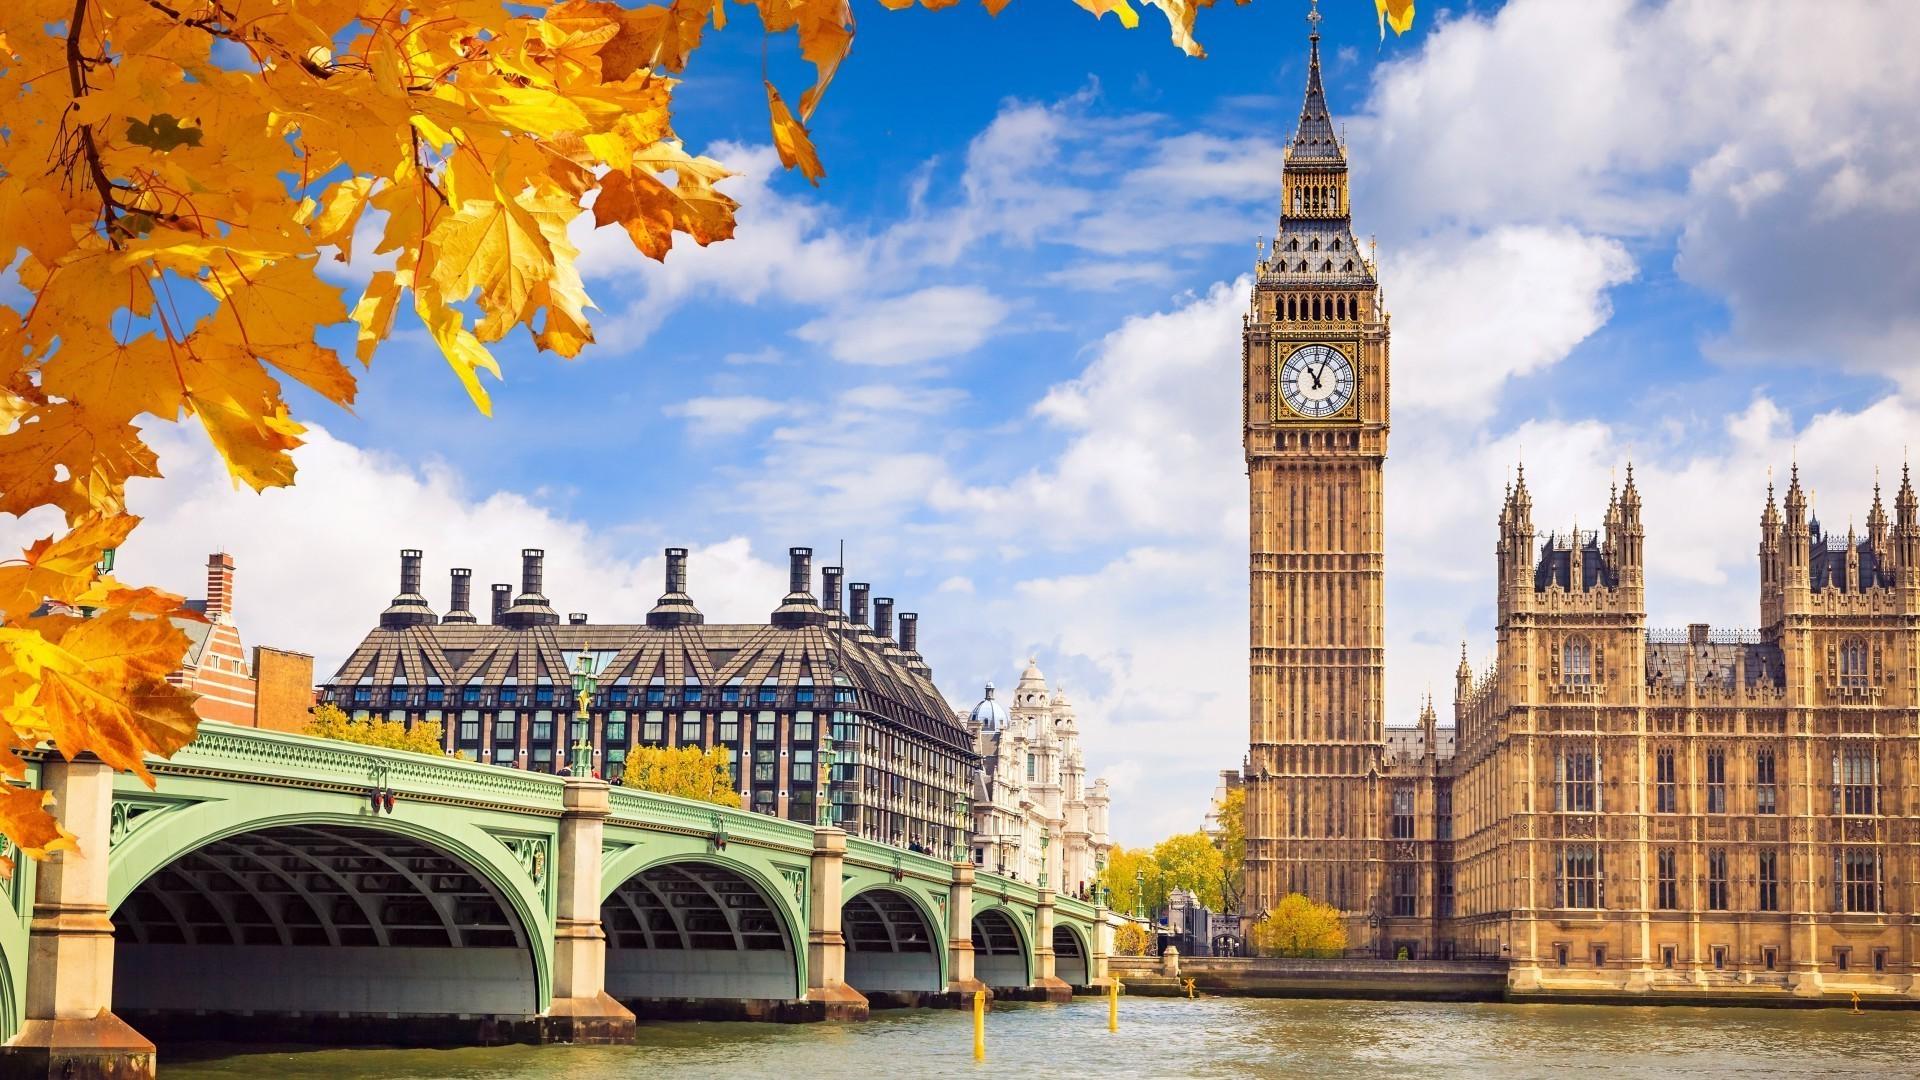 картинки лондона в хорошем качестве идея для дачной